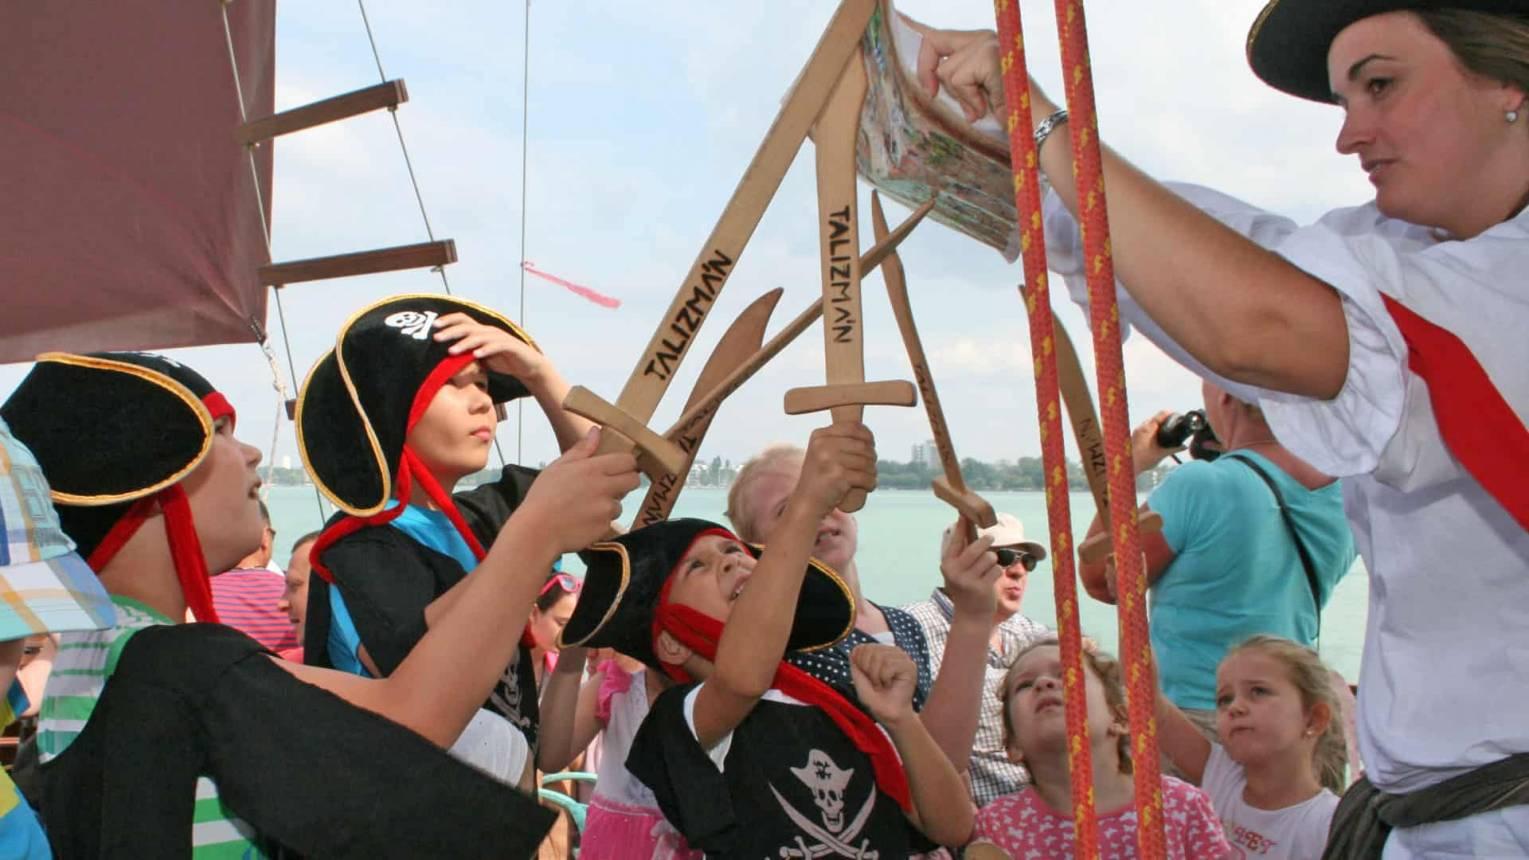 Kincskeresős kalózprogram igazi kalózhajón a Balatonon